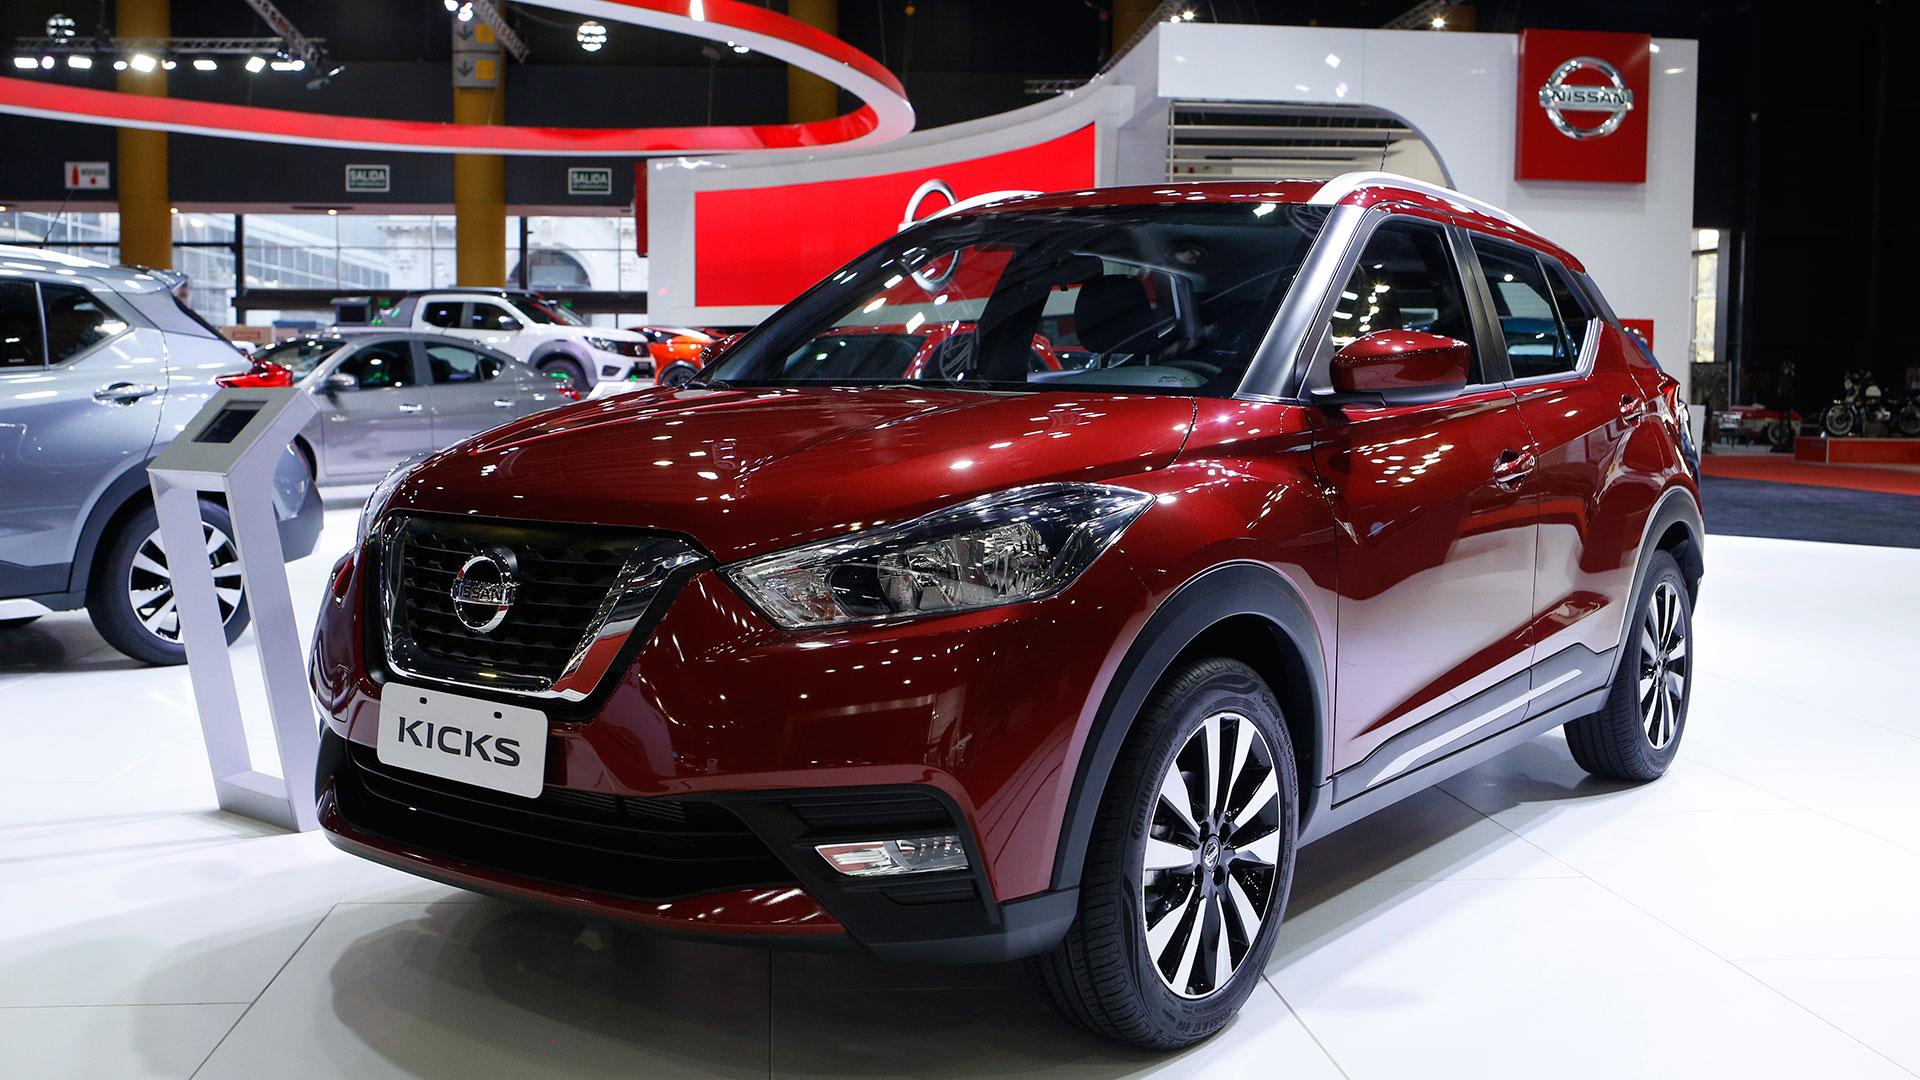 El nuevo Nissan Kicks, presentado durante el Salón, se encuentra expuesto en diferentes versiones y colores